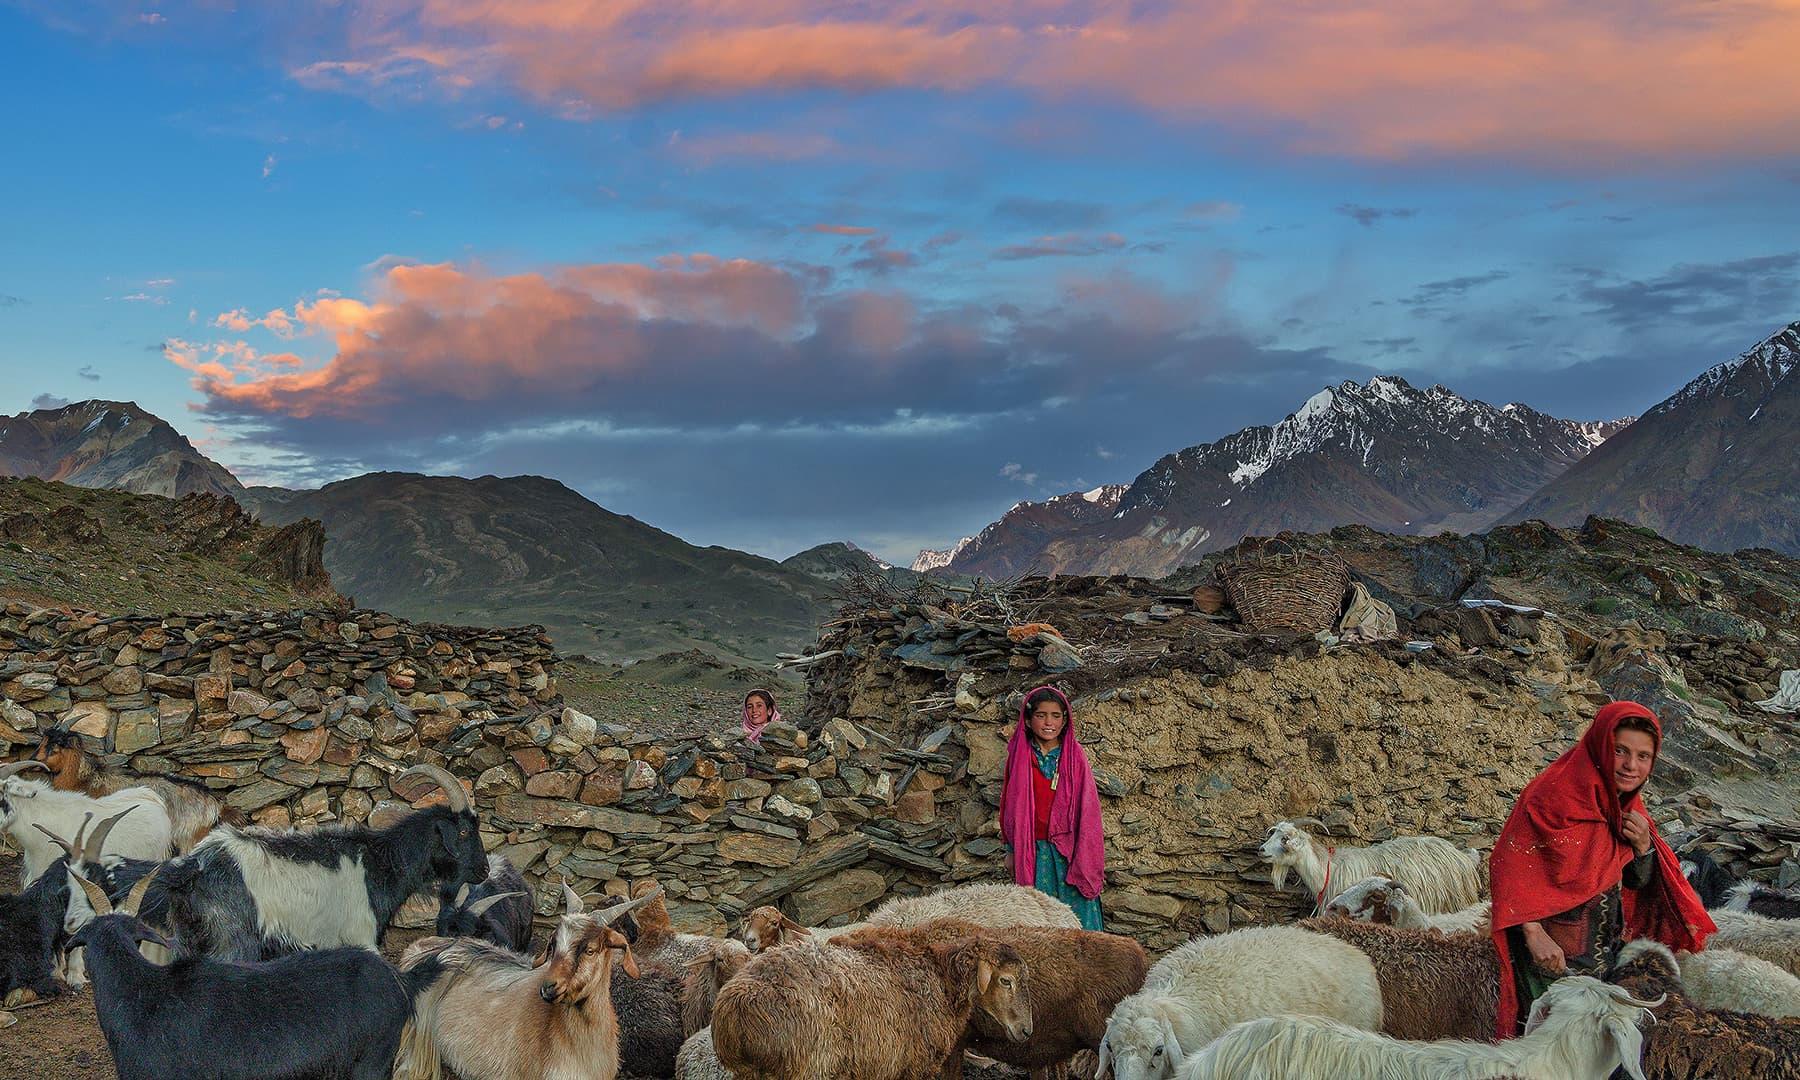 وادی بروغل کی دیہی زندگی —سید مہدی بخاری